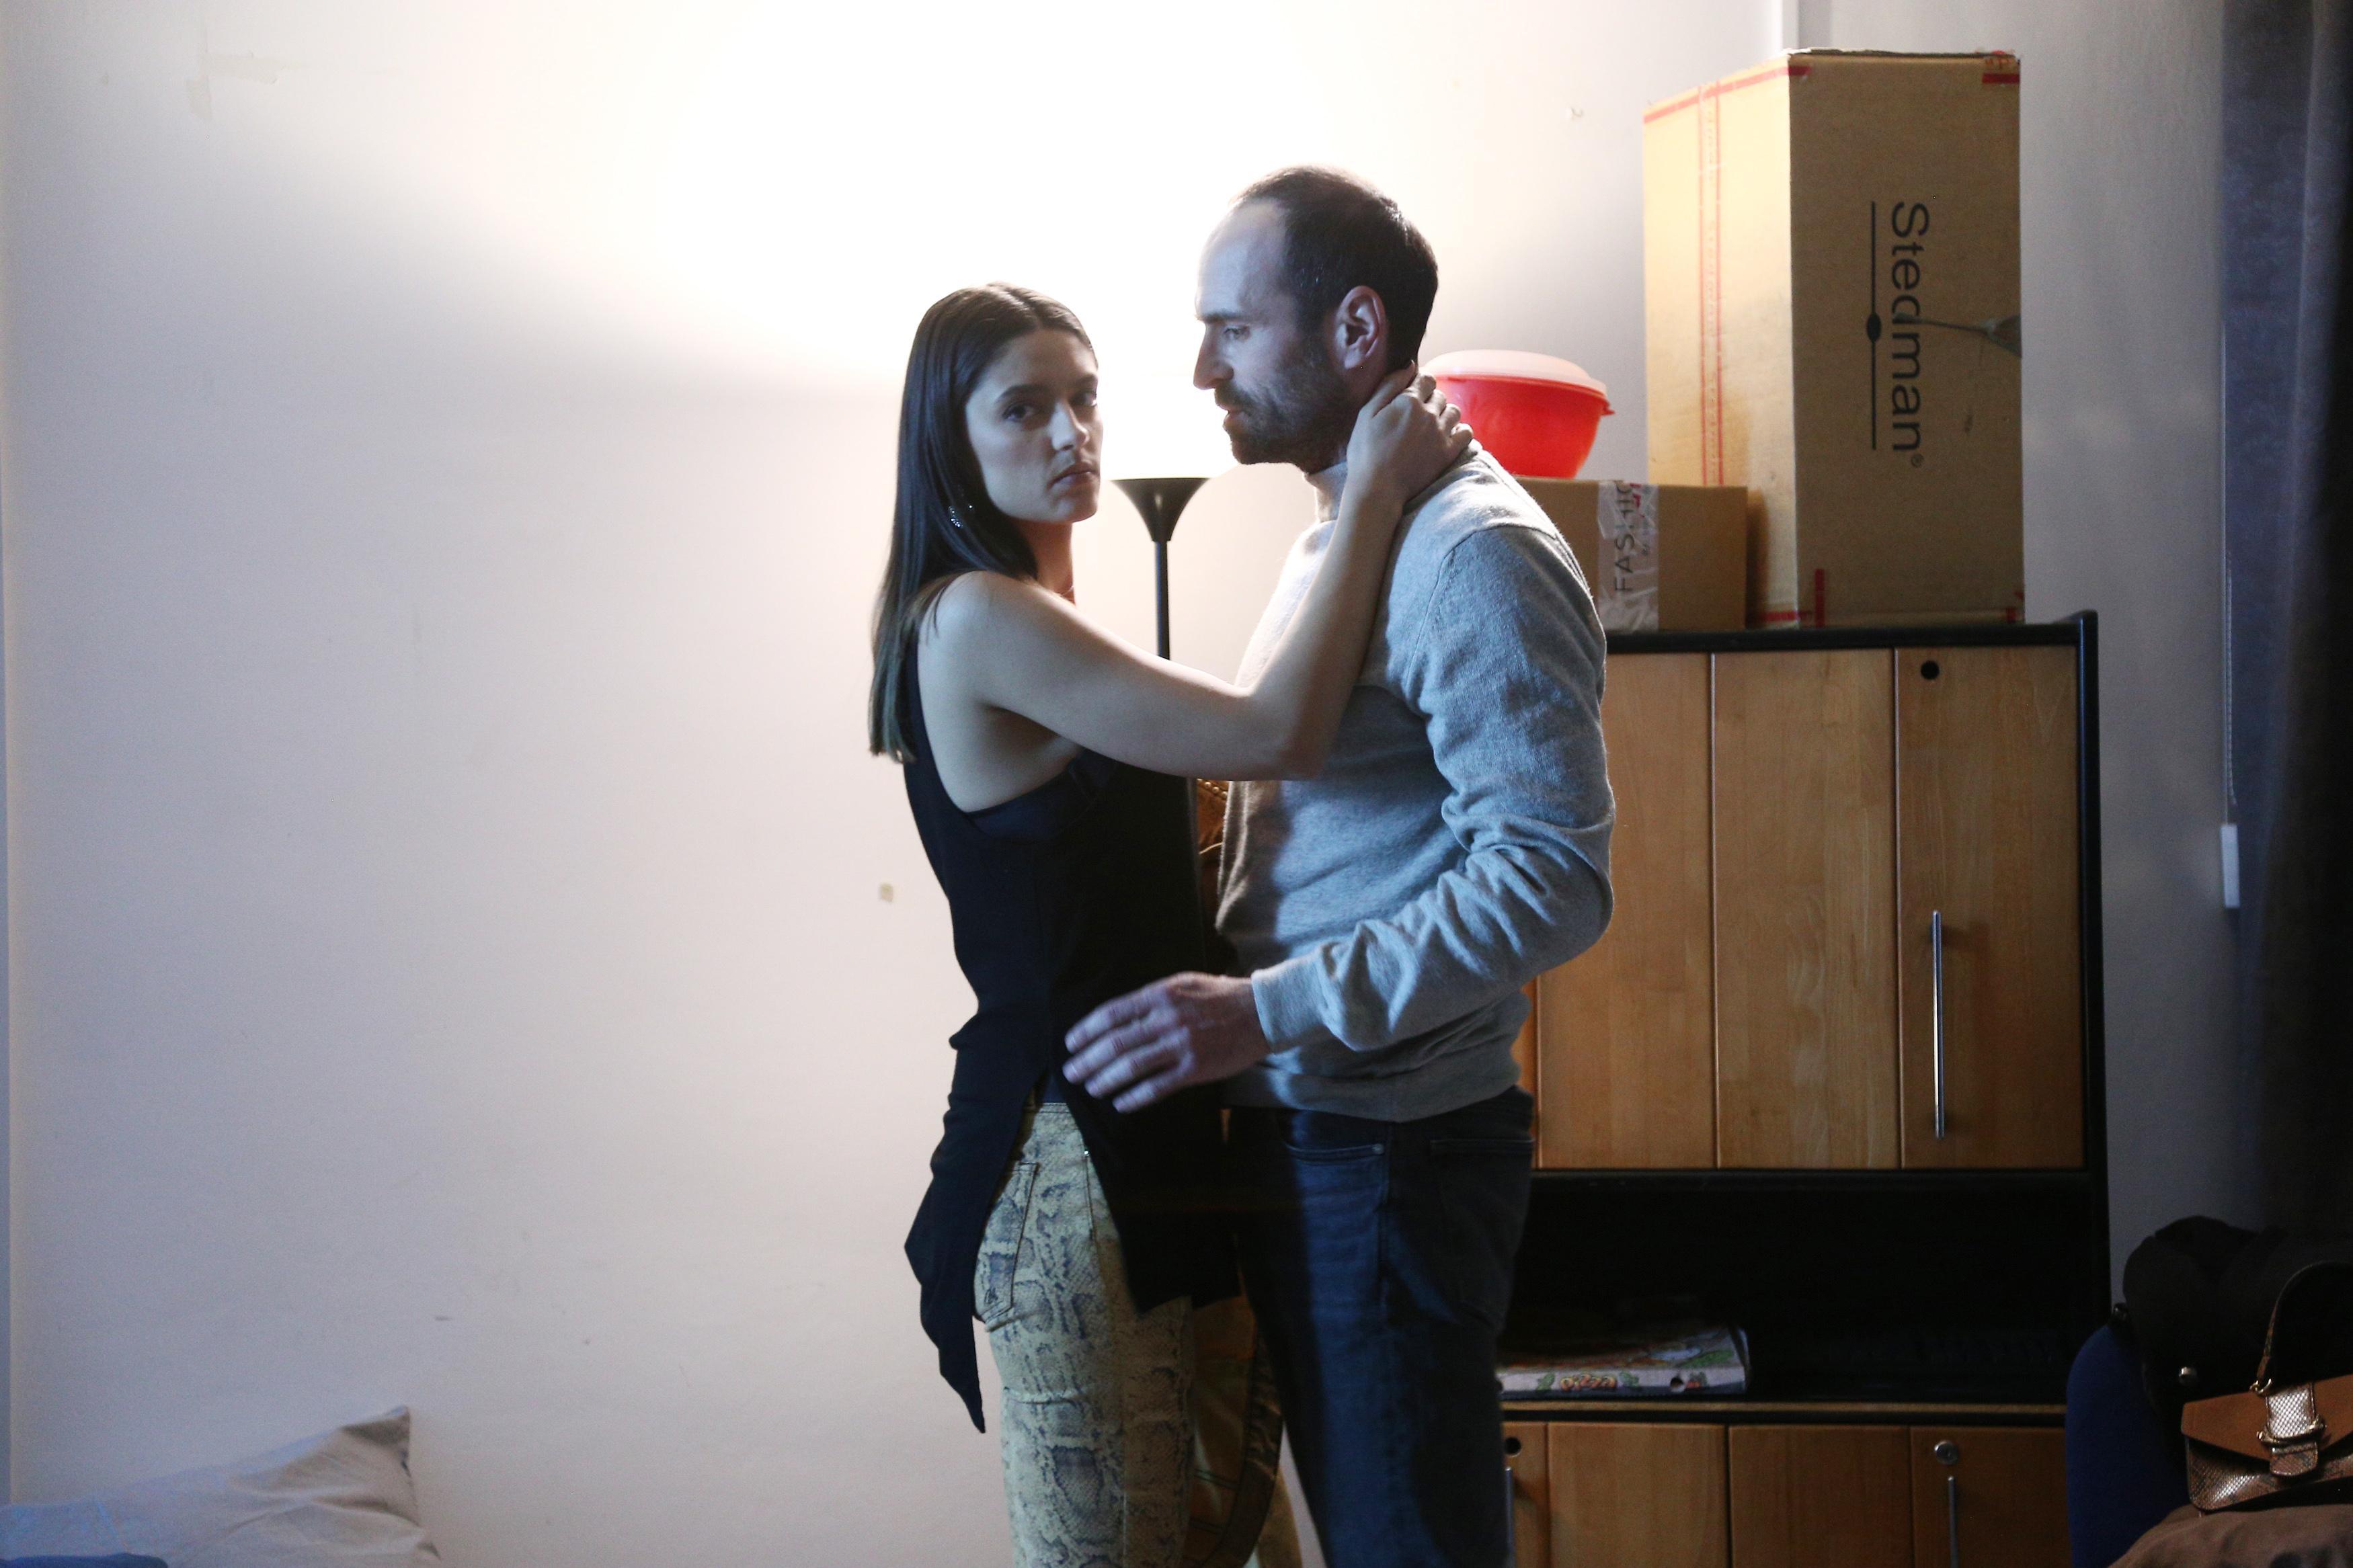 Serial Adela, episodul 39 si episodul 40, din 27 mai 2021. Andreea îl acuză pe Bebe că a abuzat-o, dar Adela nu o crede